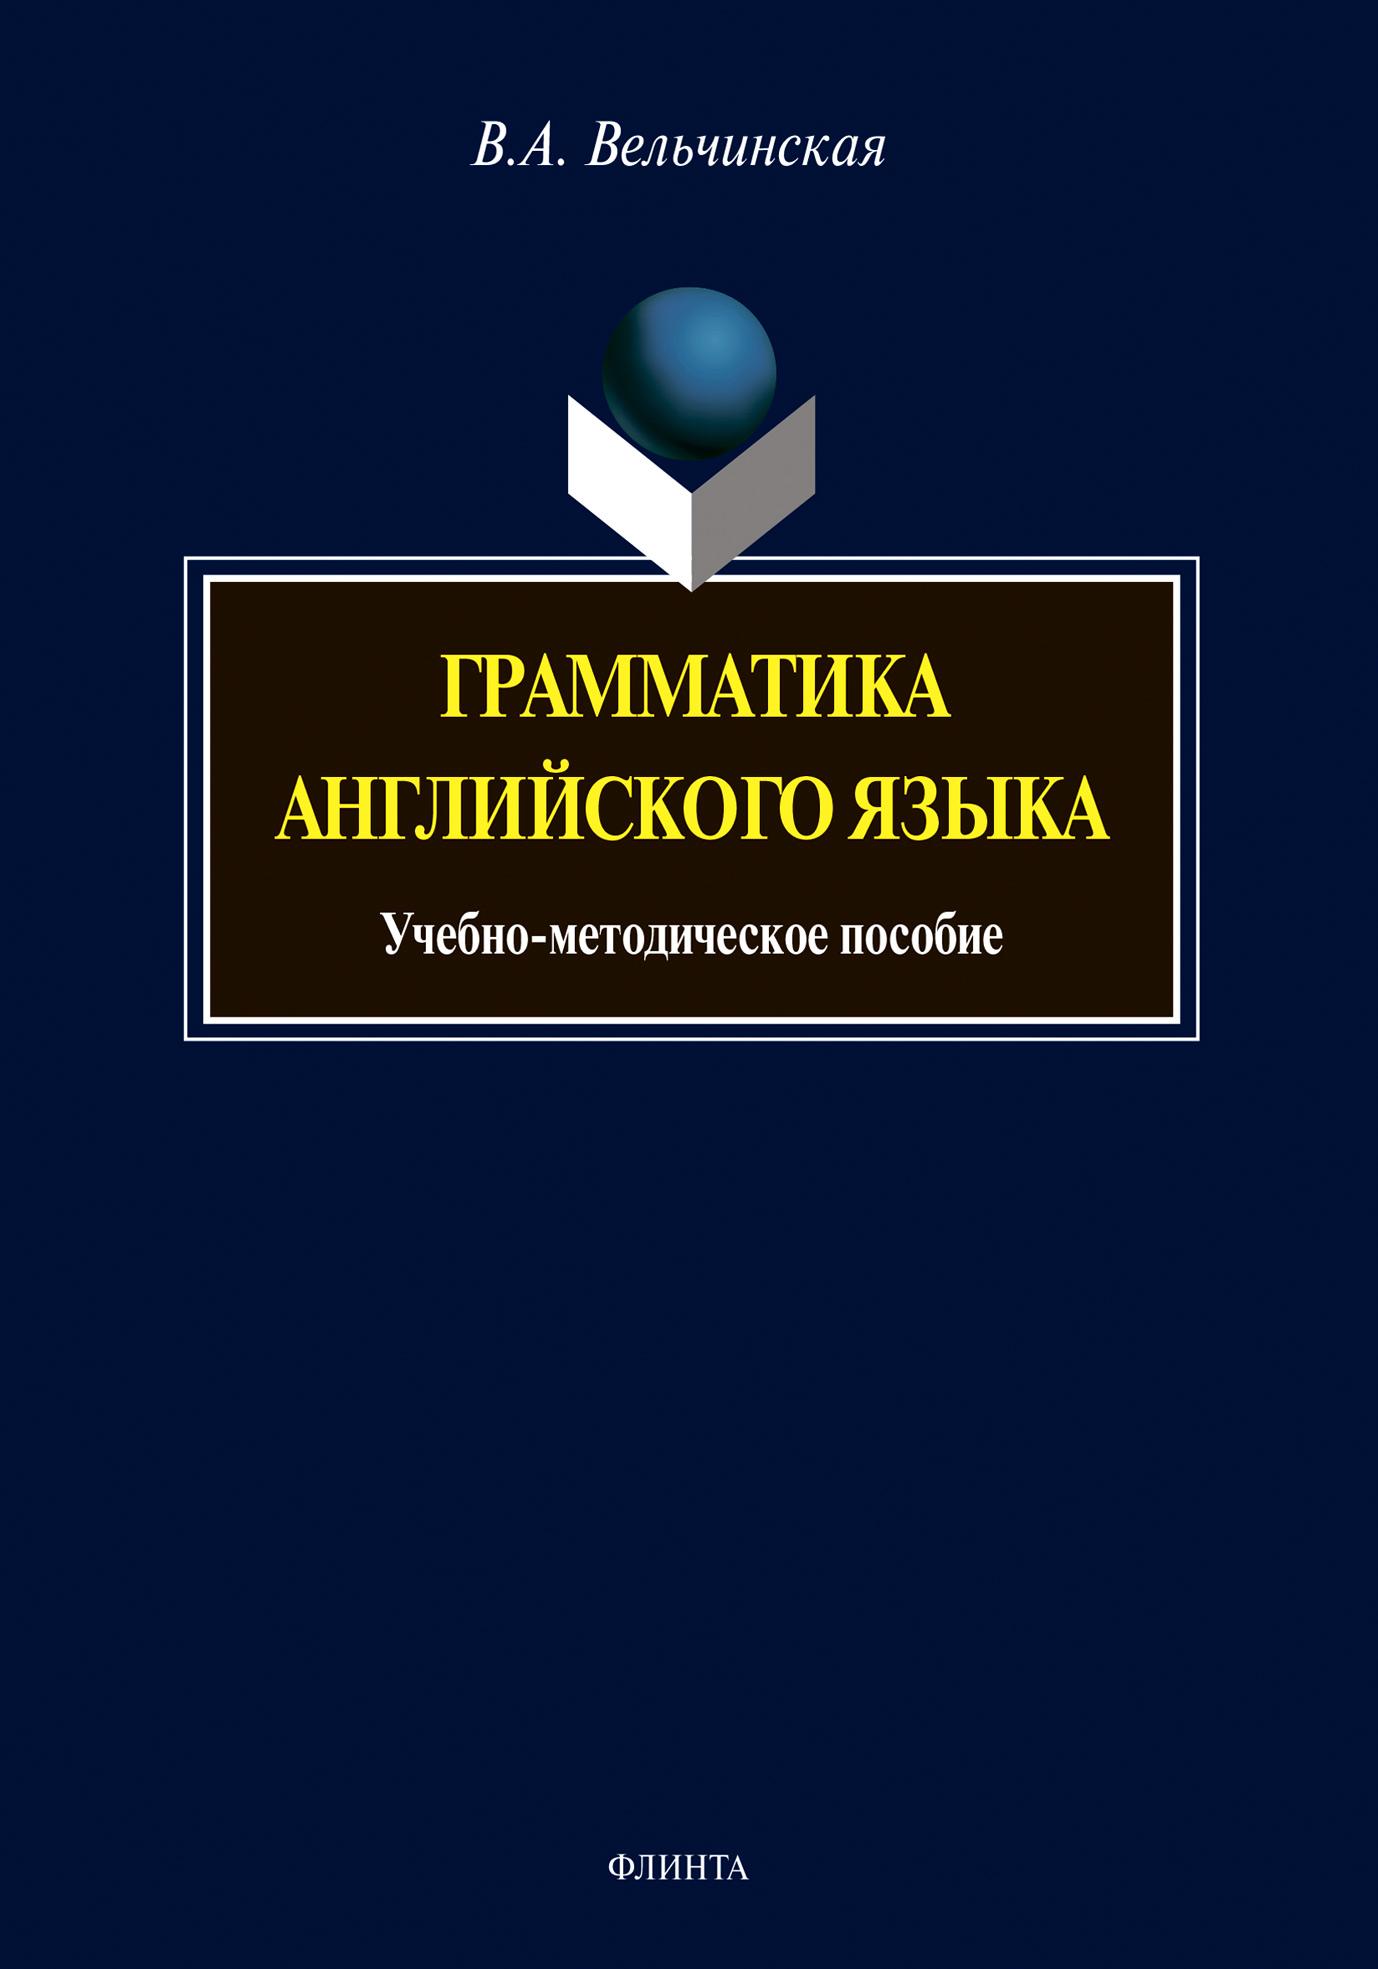 Валентина Вельчинская «Грамматика английского языка. Учебно-методическое пособие»